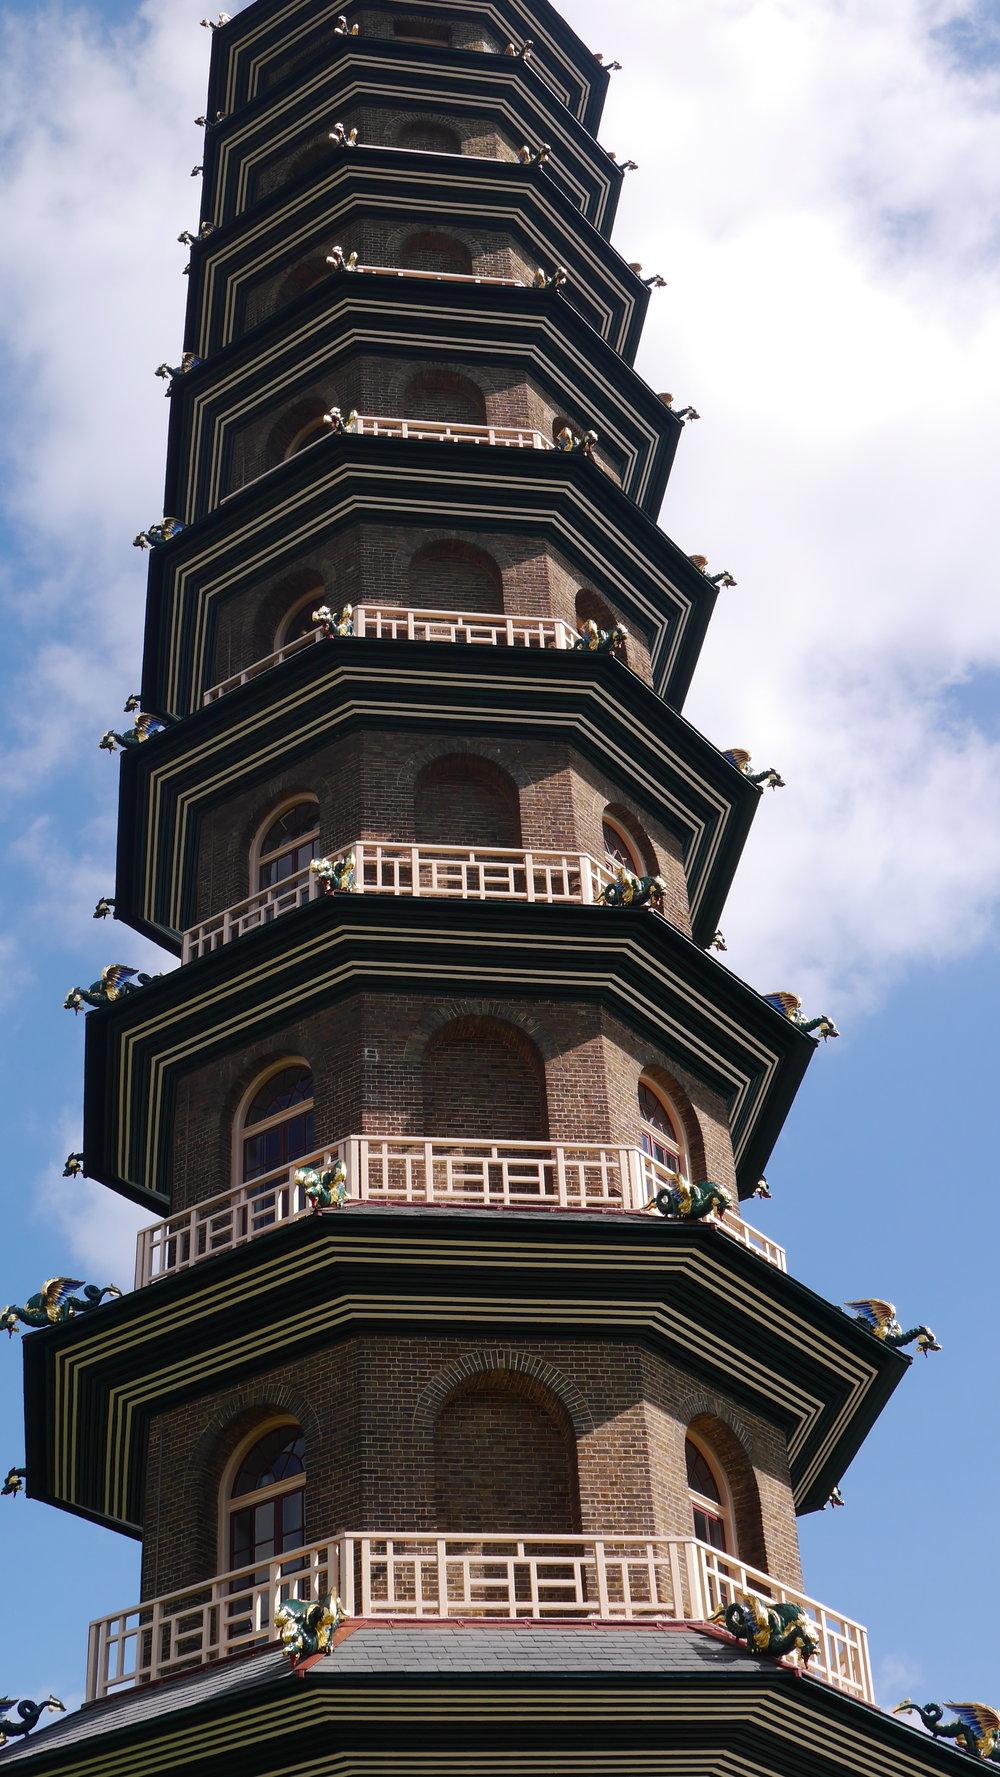 Pagoda magnitude of dragons.JPG